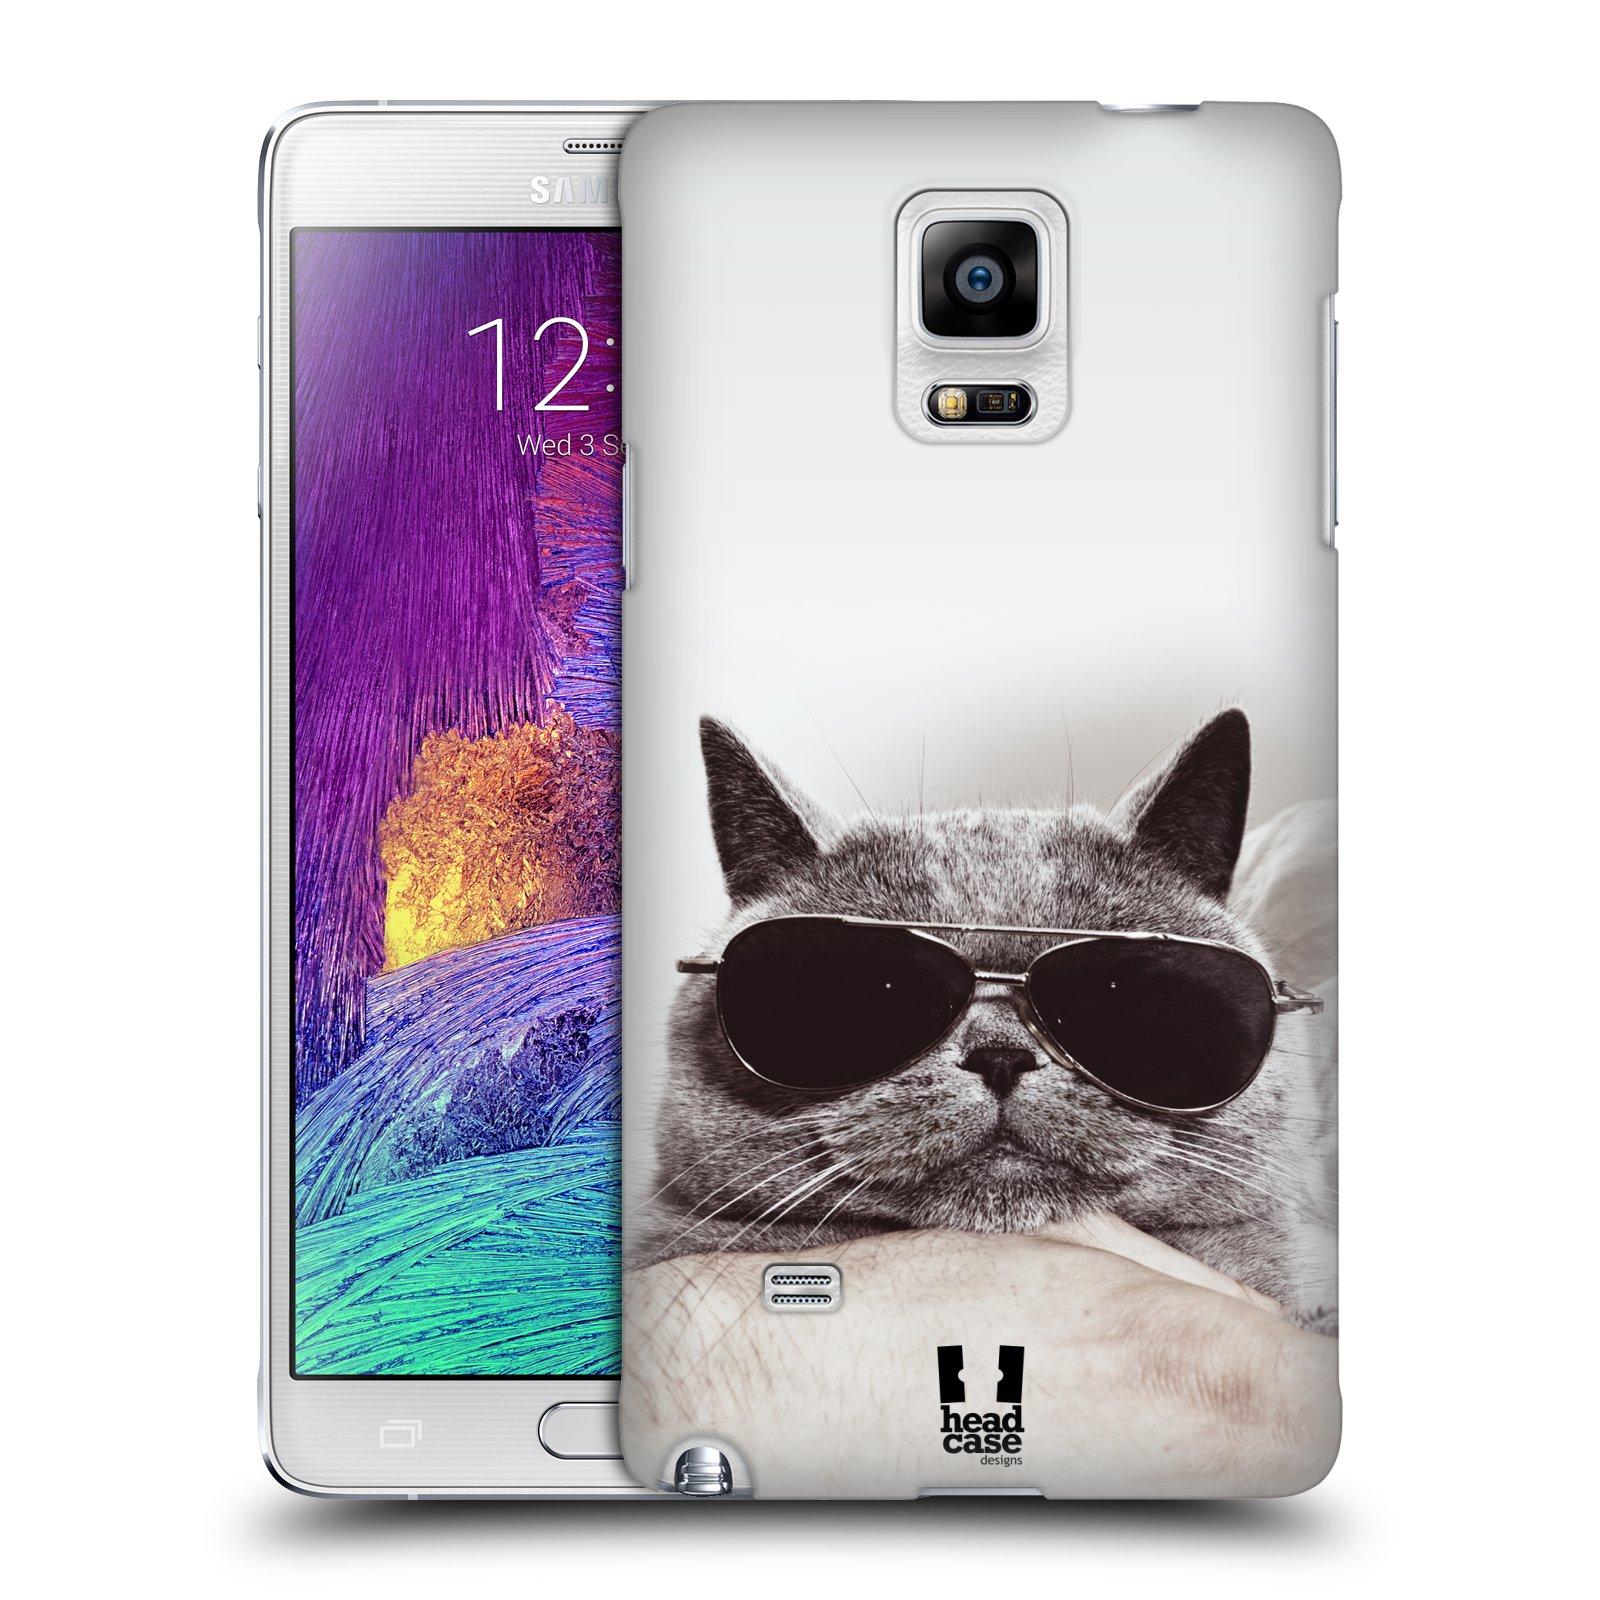 Plastové pouzdro na mobil Samsung Galaxy Note 4 HEAD CASE KOTĚ S BRÝLEMI (Kryt či obal na mobilní telefon Samsung Galaxy Note 4 SM-N910F)